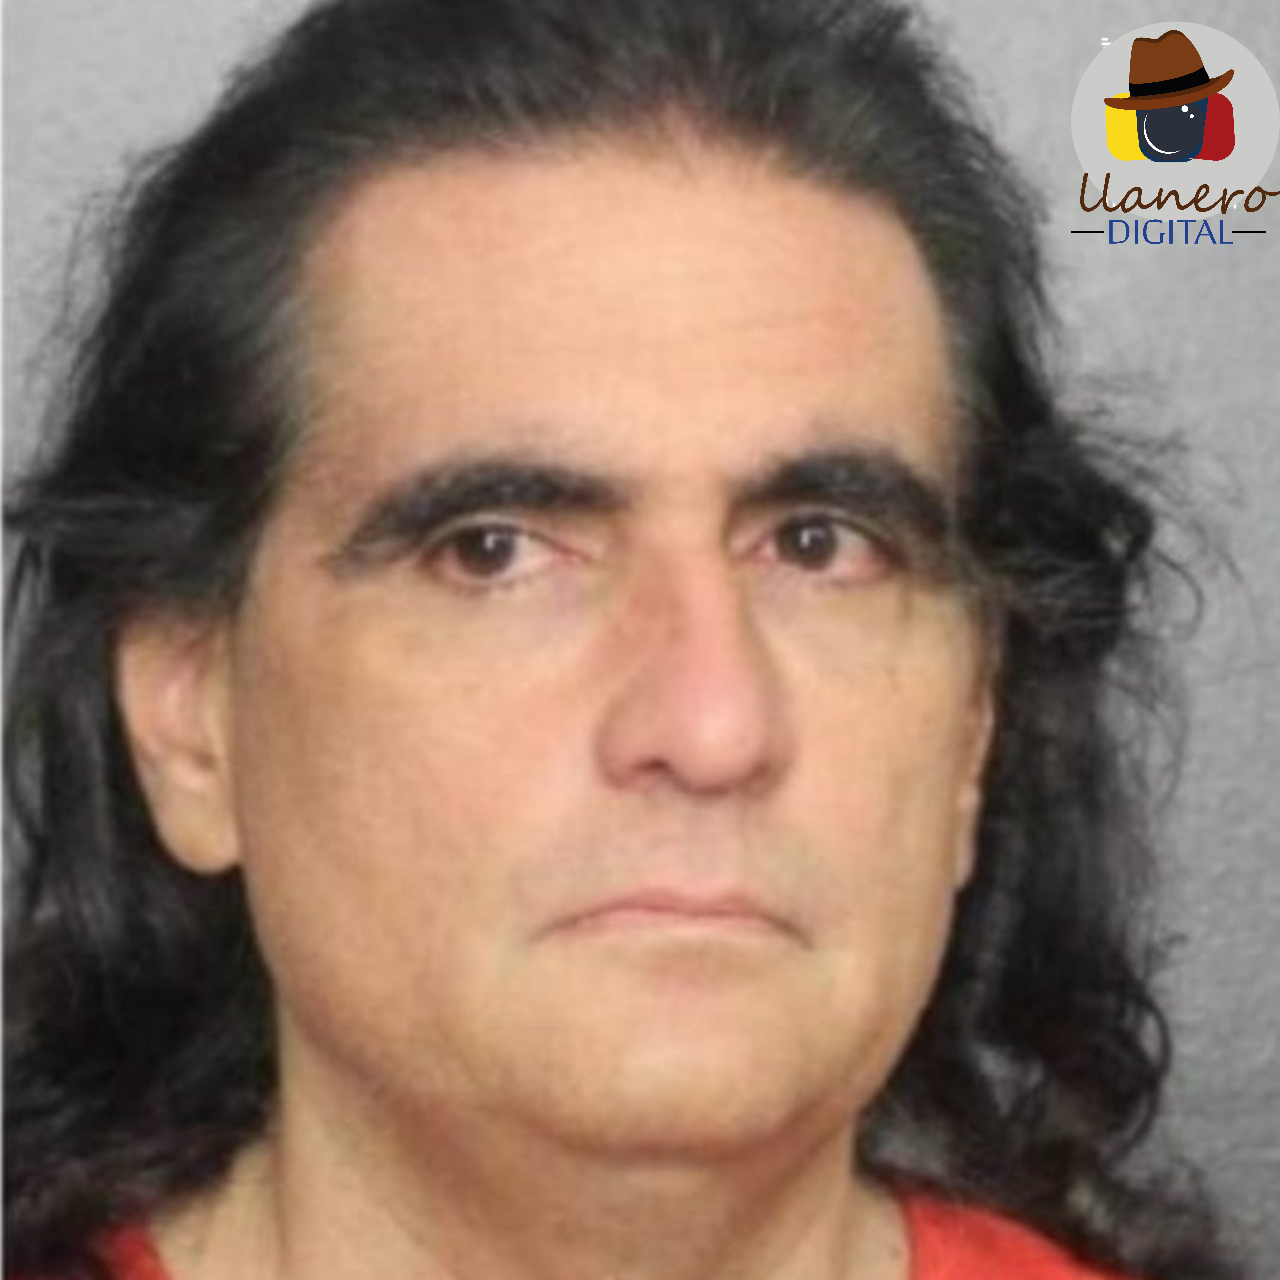 Alex Saab Hoy detenido en EEUU